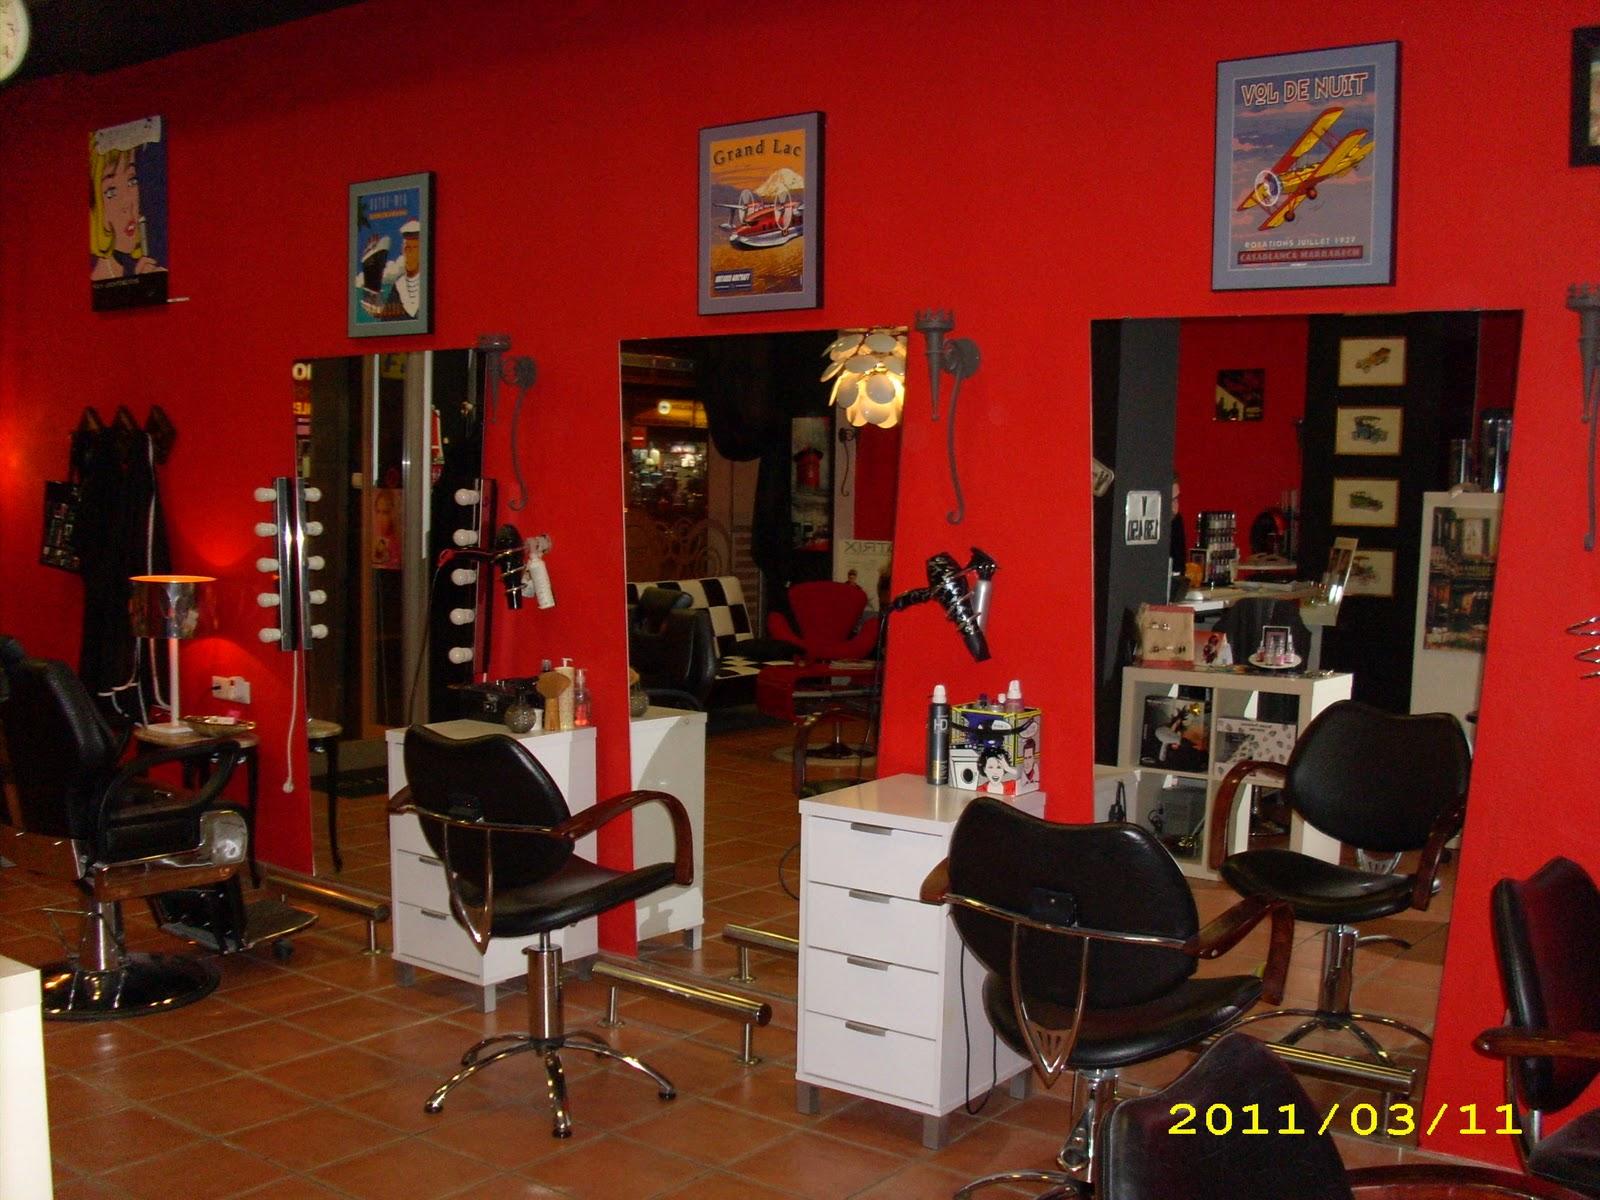 El baul de monica 25 mar 2011 - Decoracion de peluqueria ...